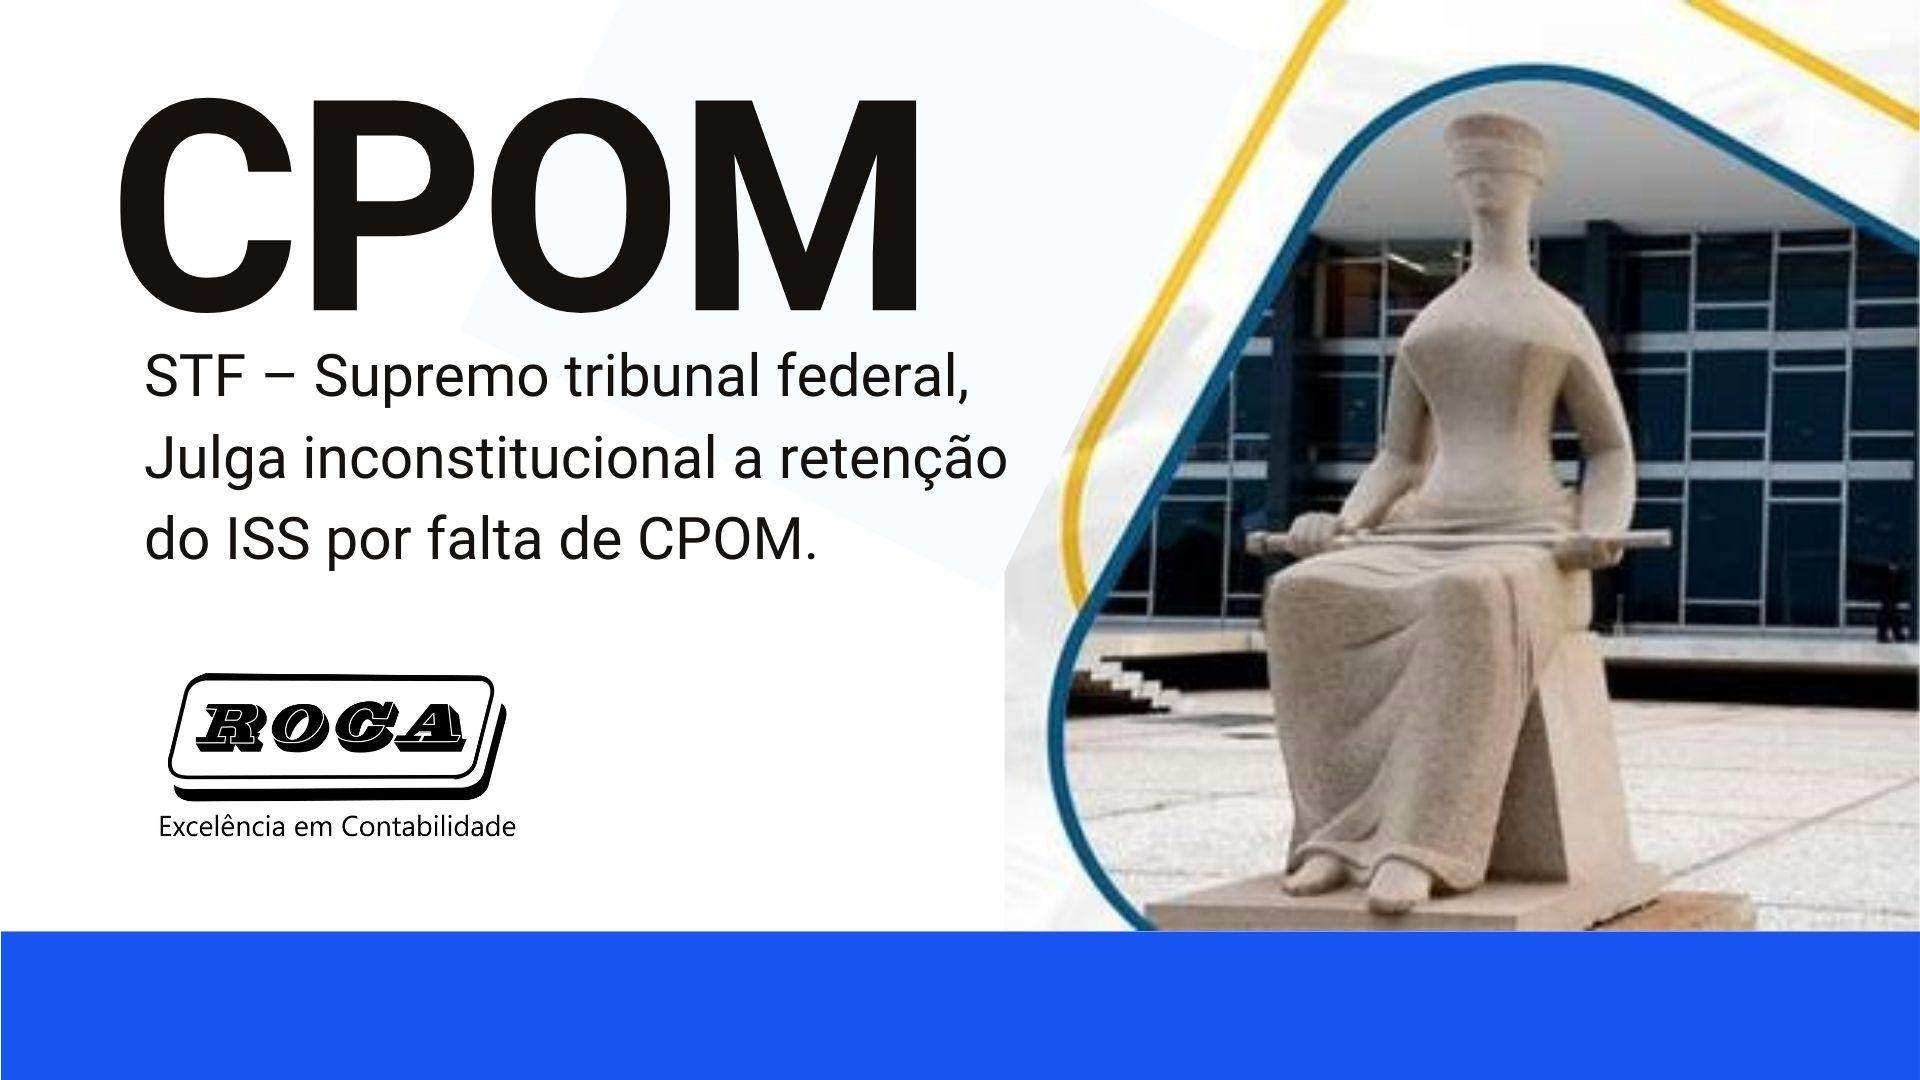 CPOM: STF – Supremo Tribunal Federal, Julga Inconstitucional A Retenção Do ISS Por Falta De CPOM.